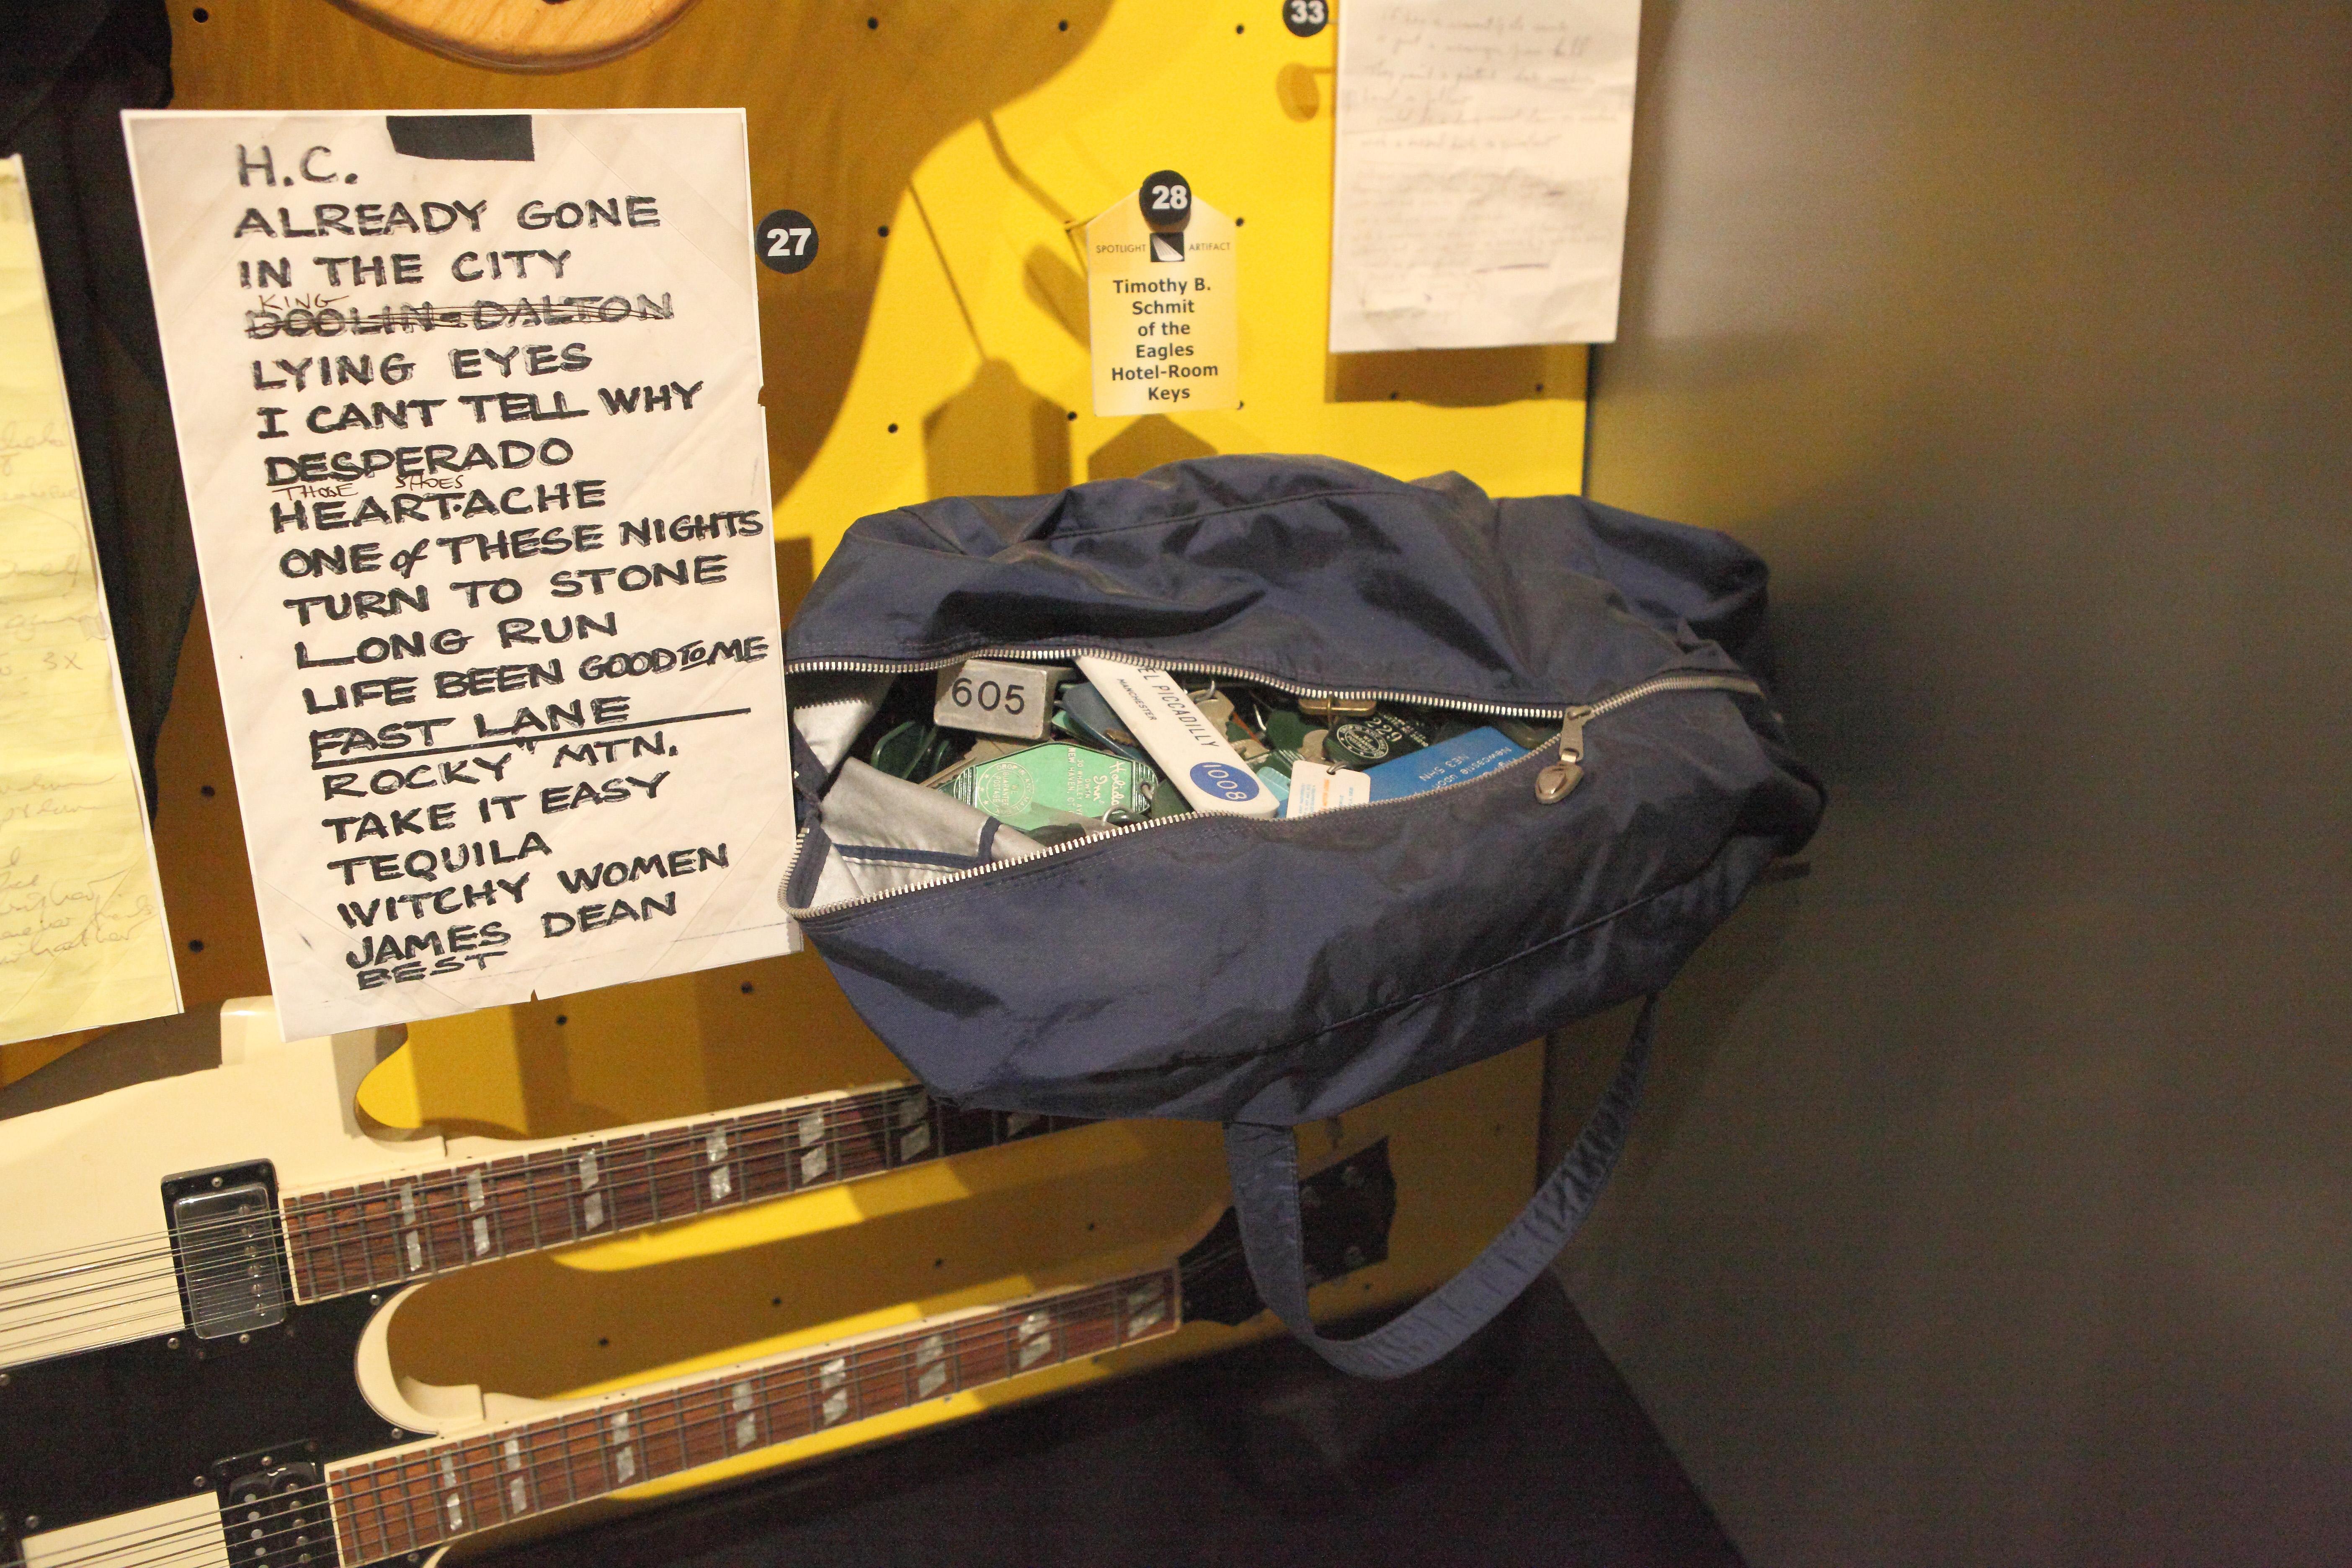 File:Eagles, Timothy B  Schmit's Bag of Hotel Keys - Rock